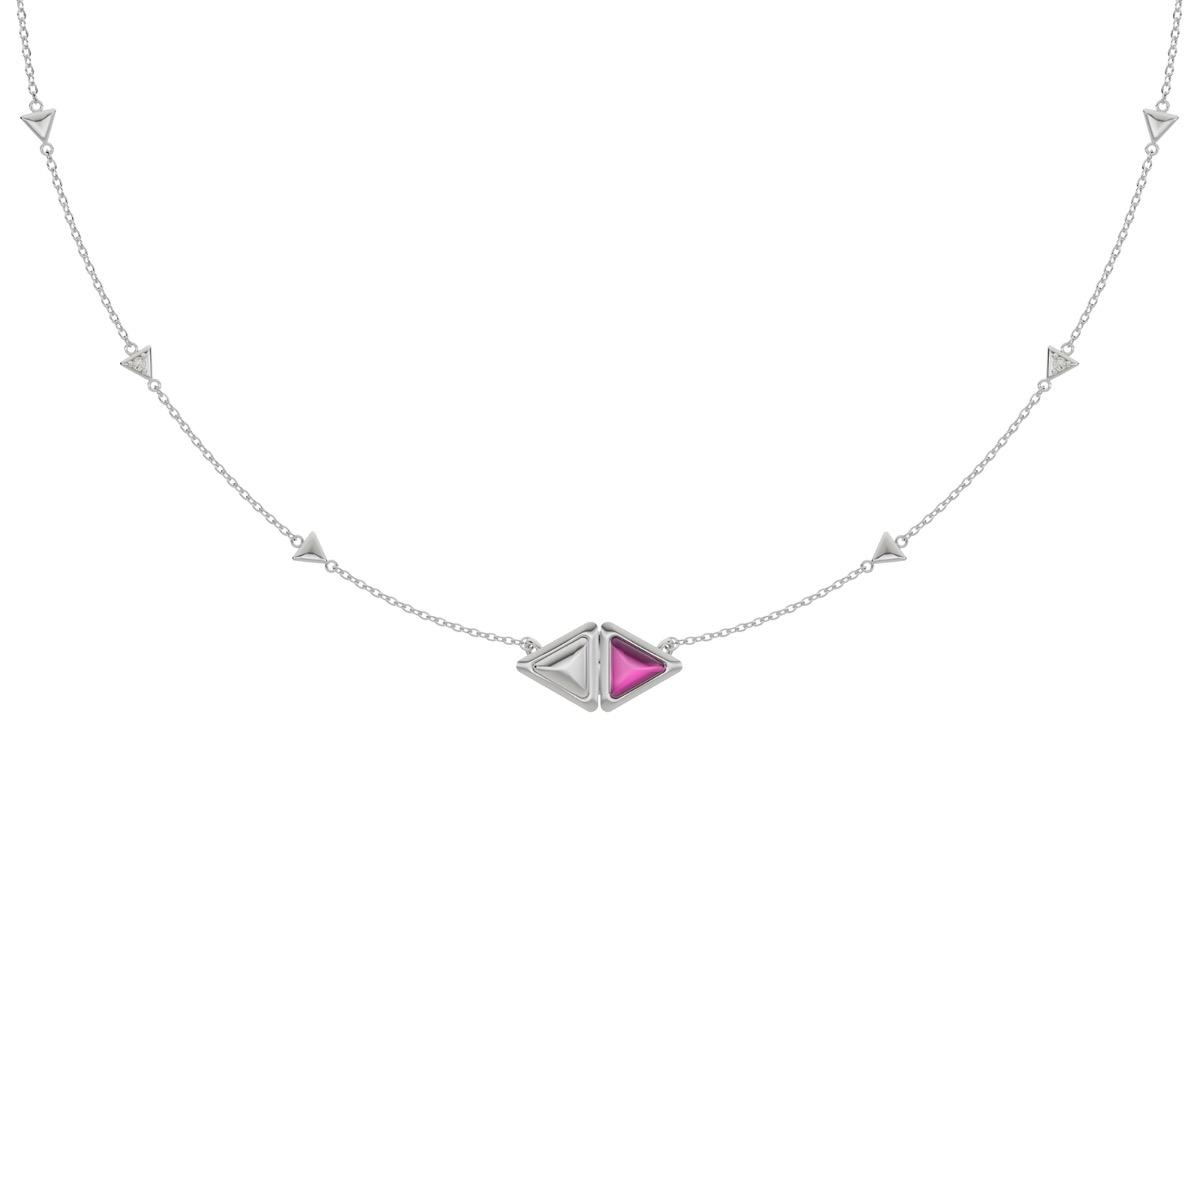 Necklace Mirror Gem White Gold Pink Garnet